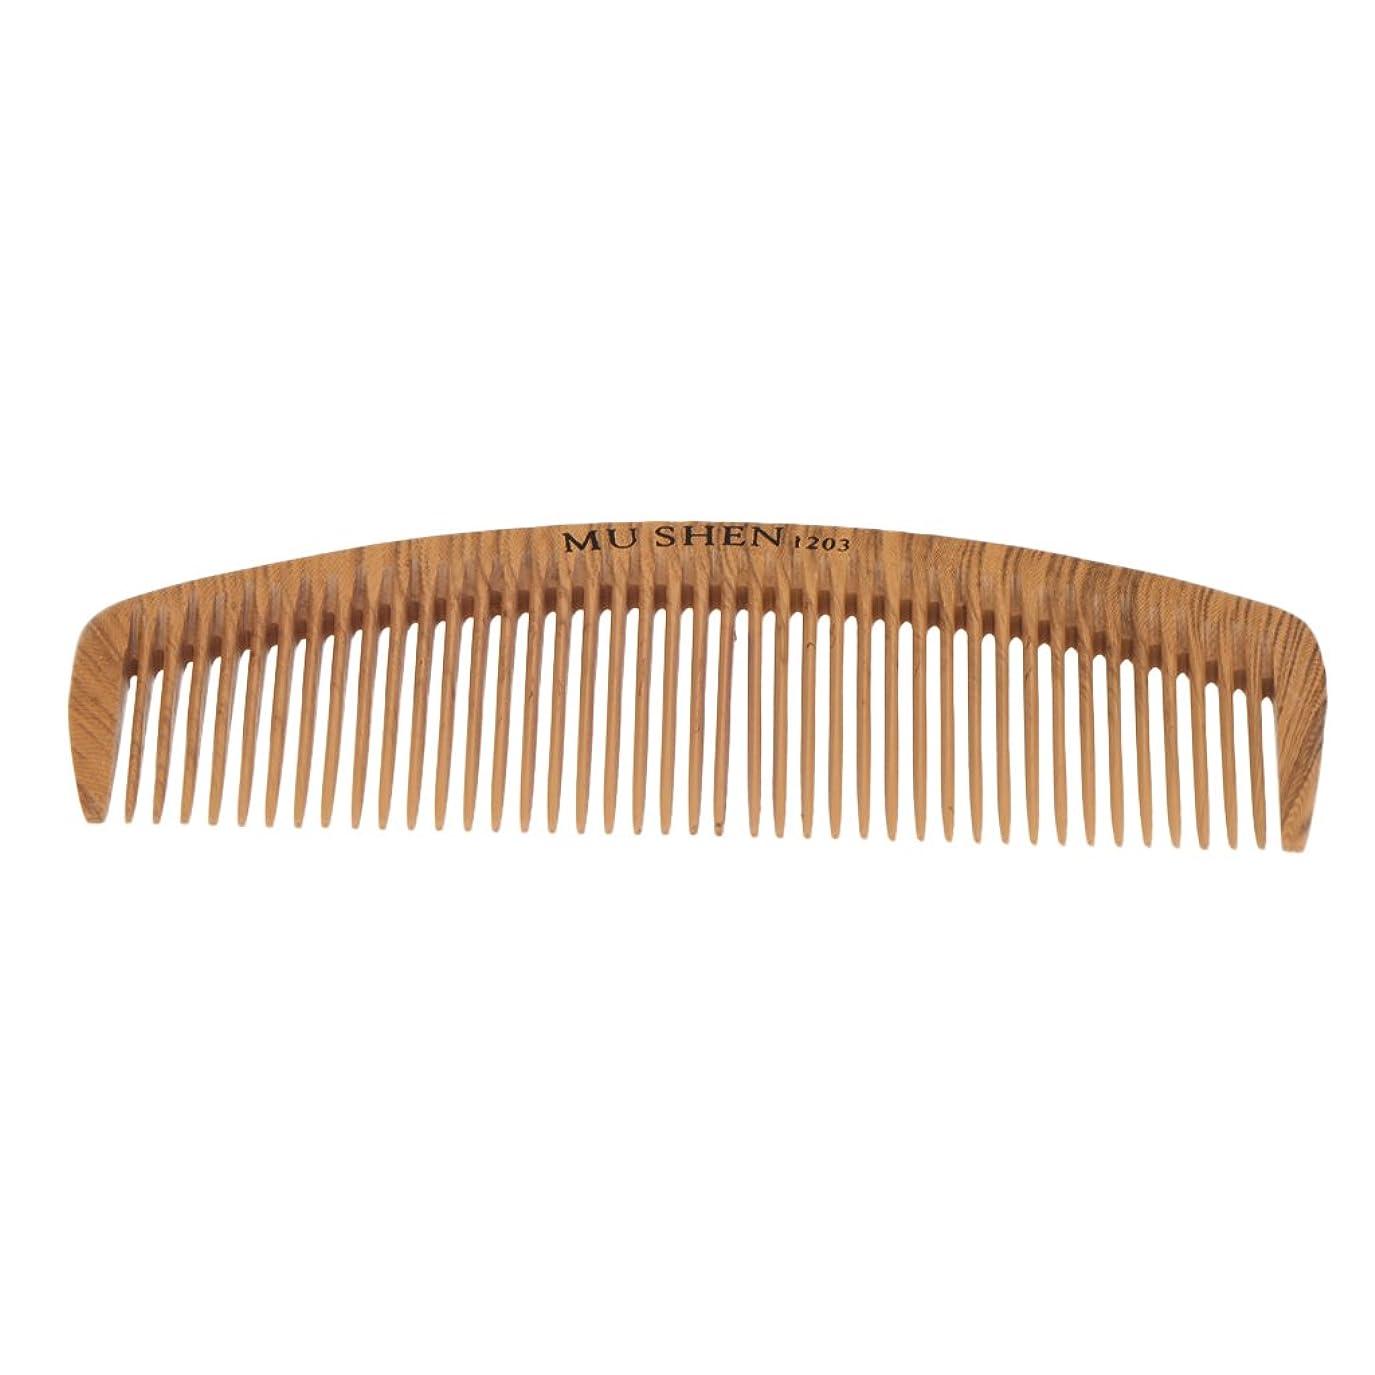 広げる不和有害なPerfeclan ヘアコーム ヘアブラシ 帯電防止 ウッド サロン 理髪師 ヘアカット ヘアスタイル ヘアケア 4タイプ選べる - 1203